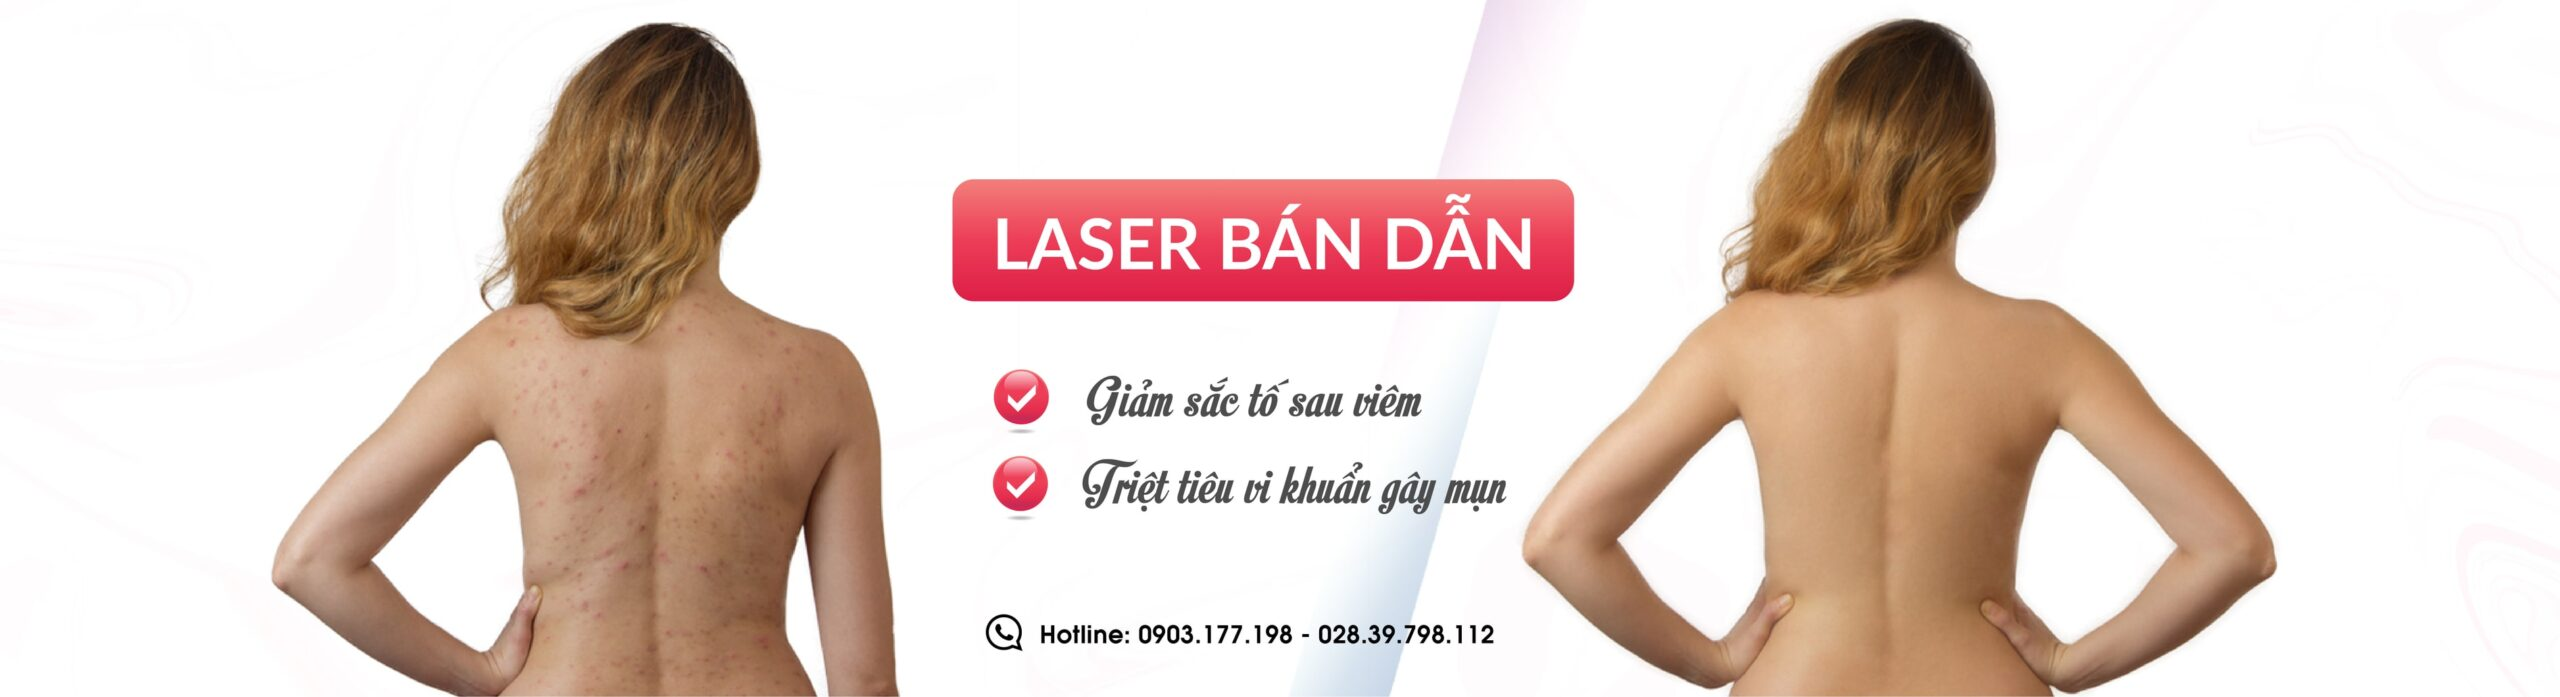 laser bán dẫn triệt tiêu vi khuẩn gây mụn